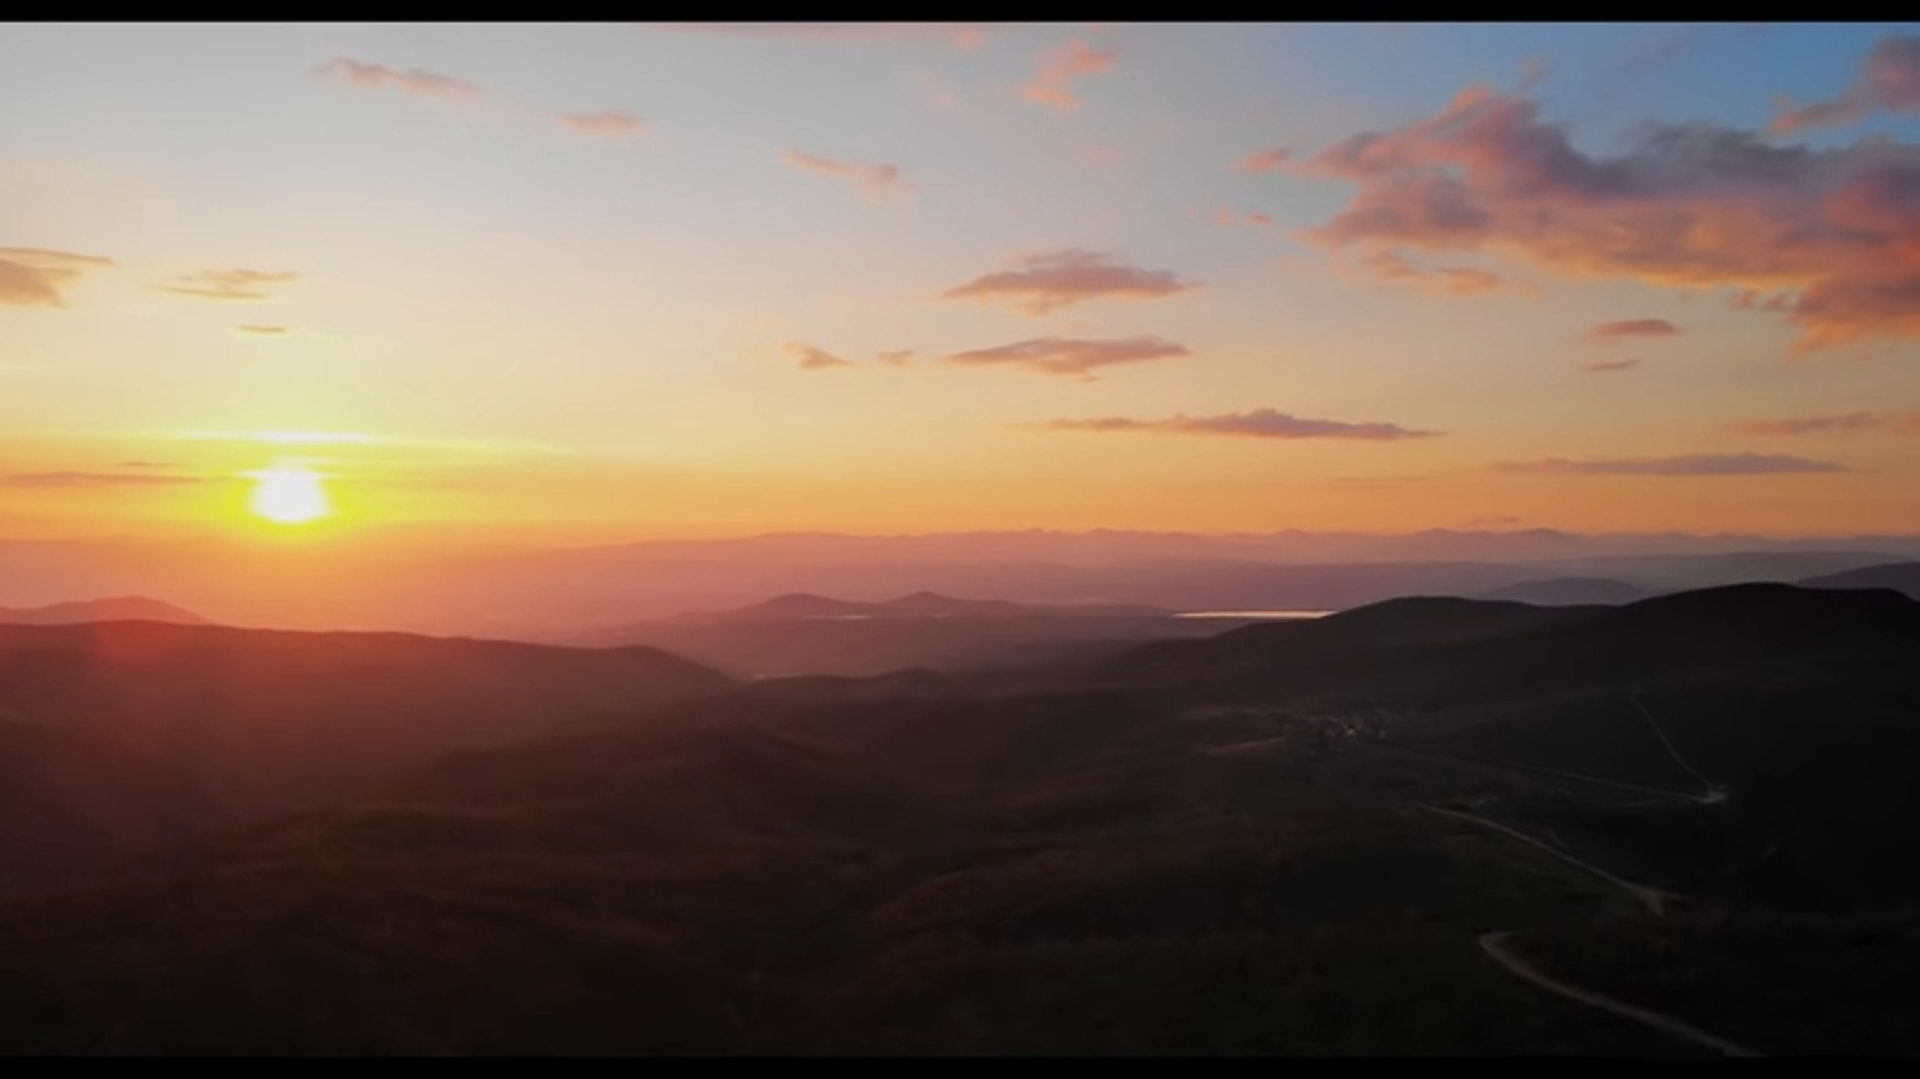 《聖雅各的天空》電影預告片截圖(YouTube / Camino Skies)